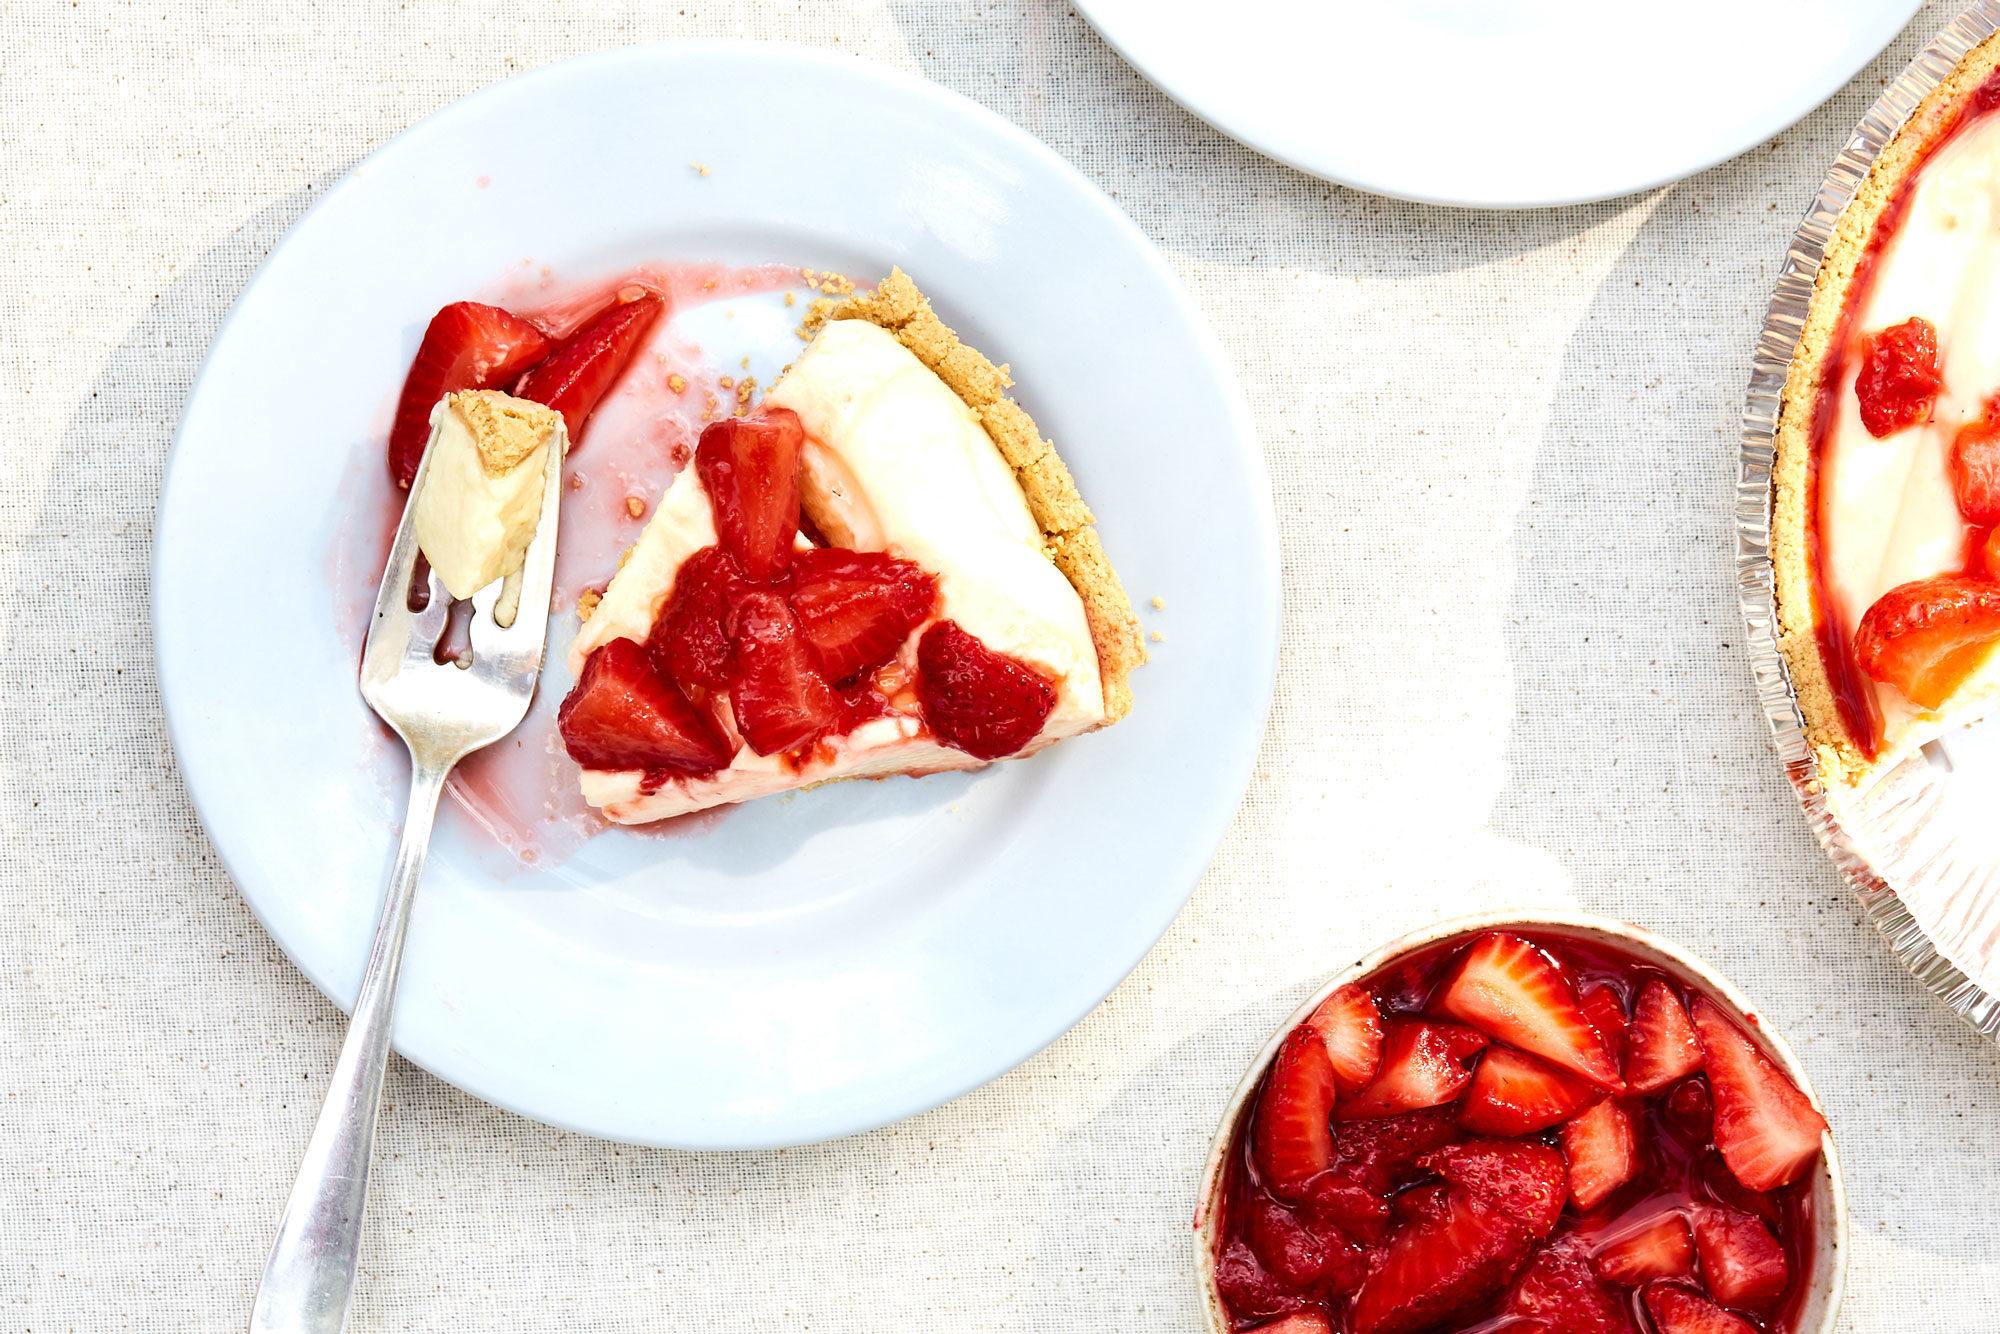 Article-Jello-Strawberry-Cheesecake